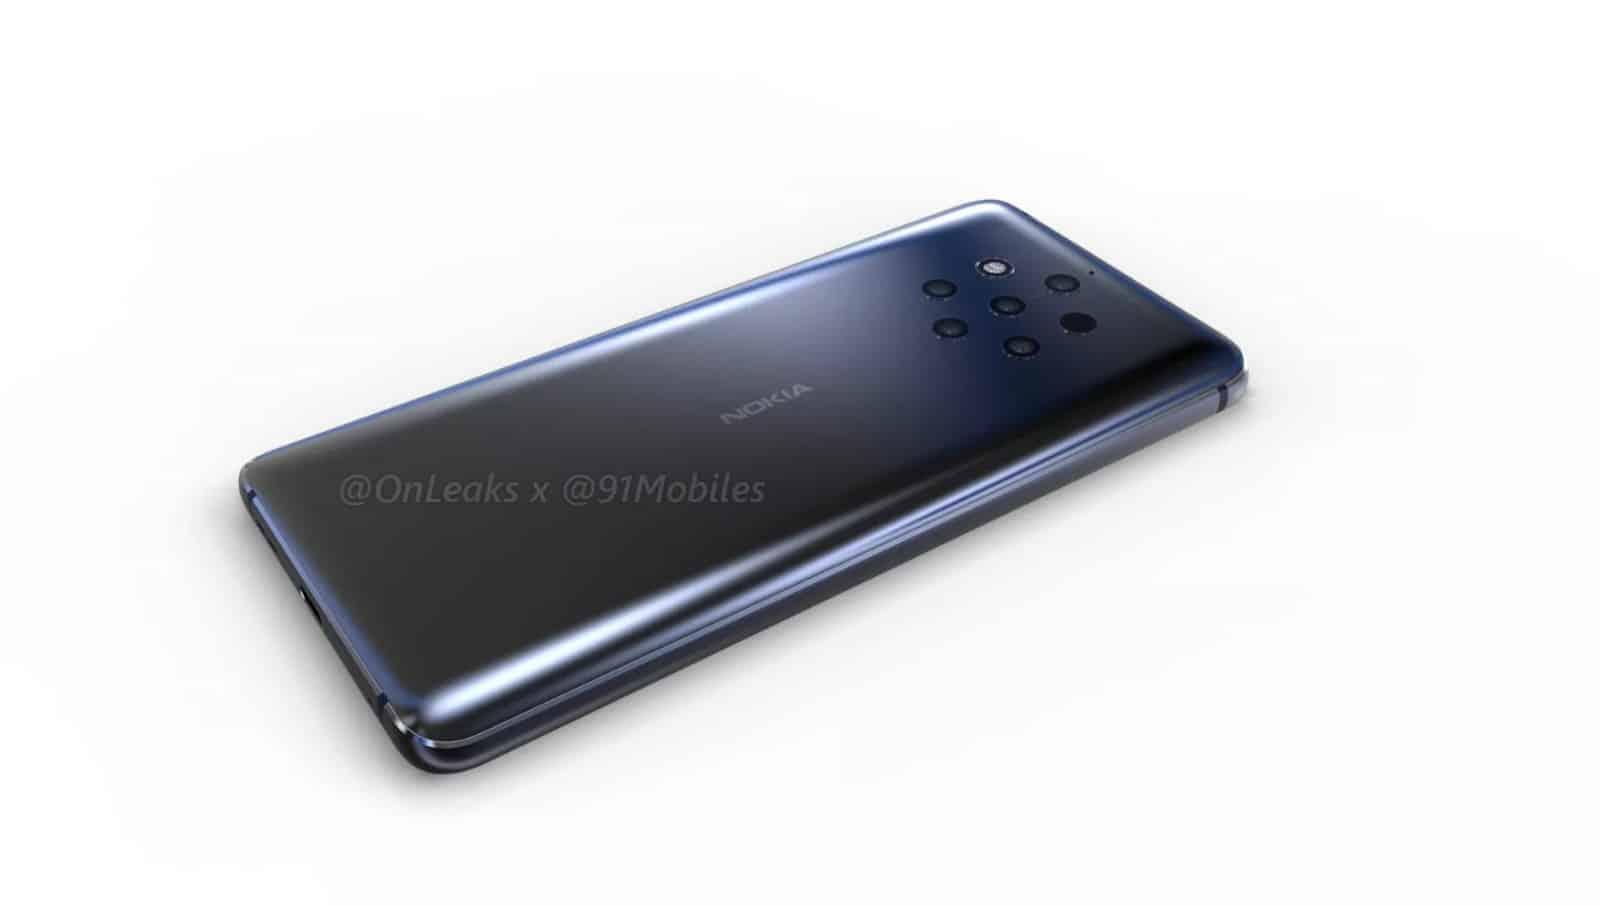 Nokia 9 OnLeaks render 9